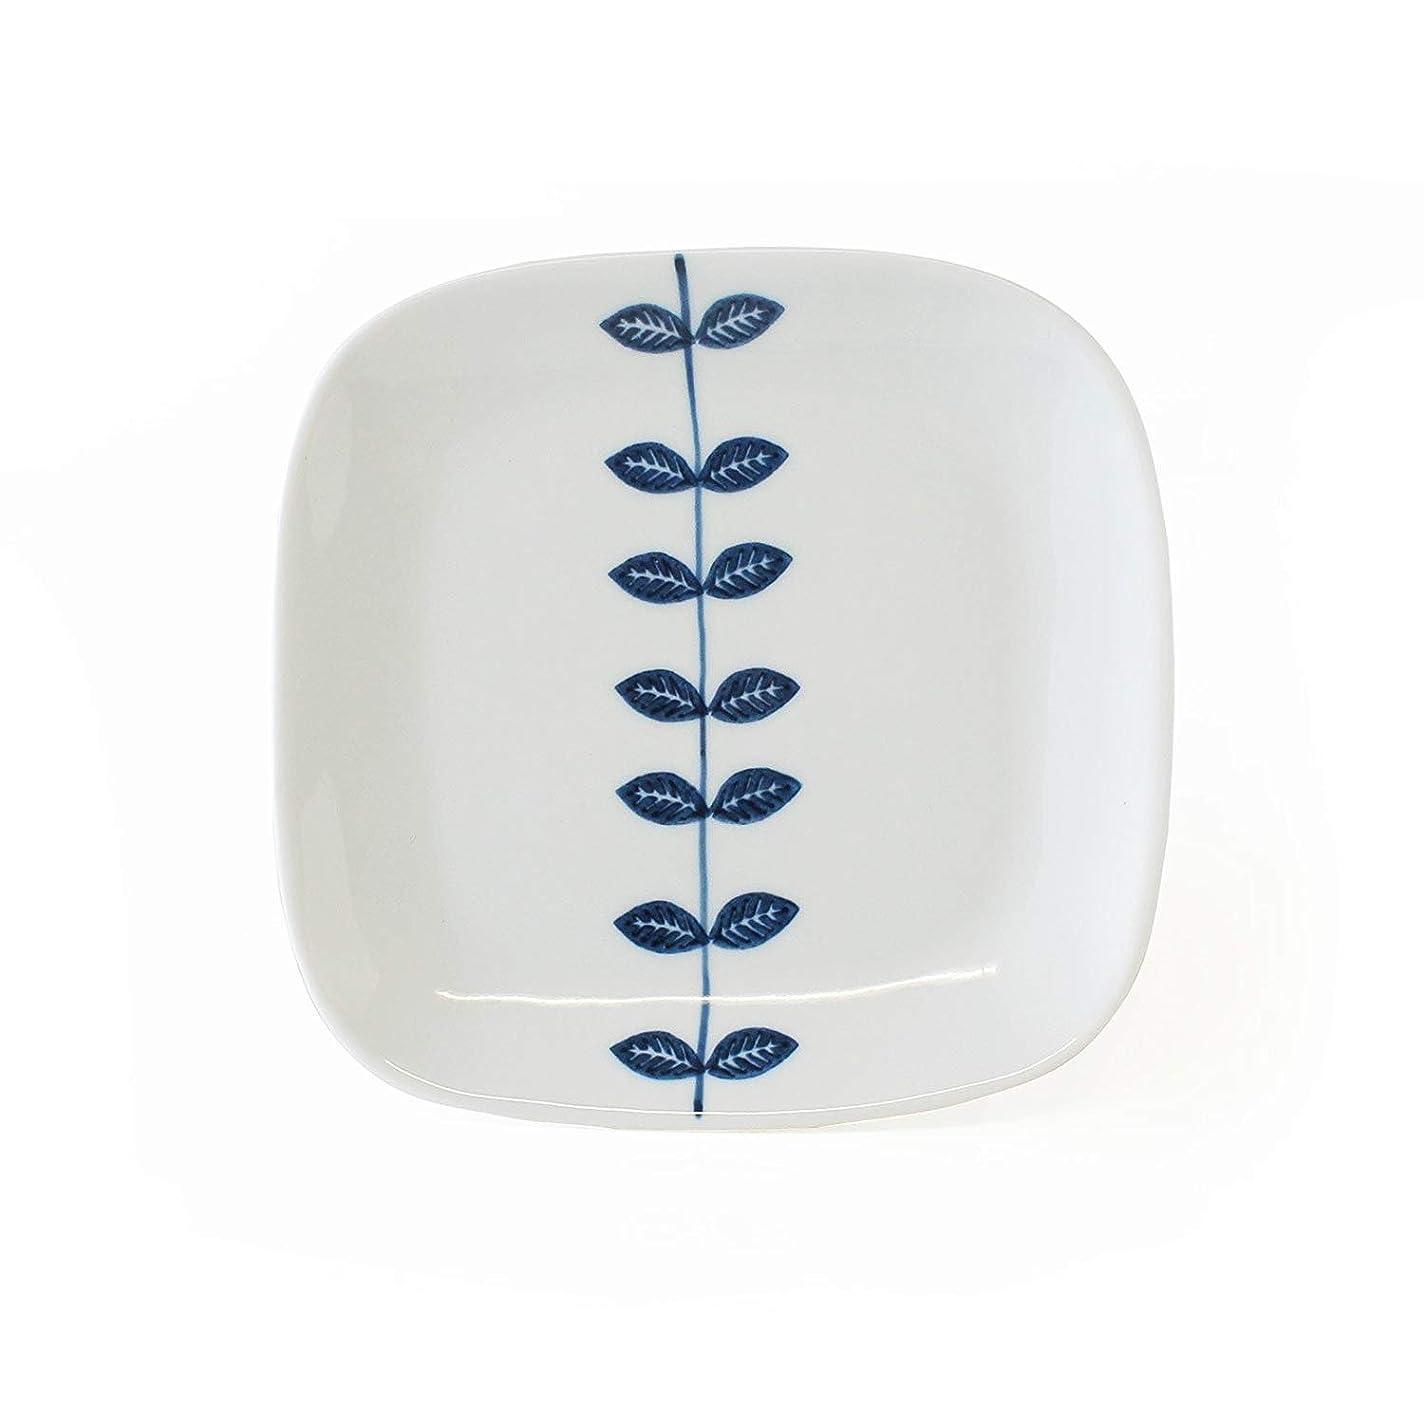 ハンディキャップ学んだあまりにもCtoC JAPAN Select 一人暮らし 食器 取り皿 双葉つなぎ マルチ W xD 15cm xH 1.5cm 日本製